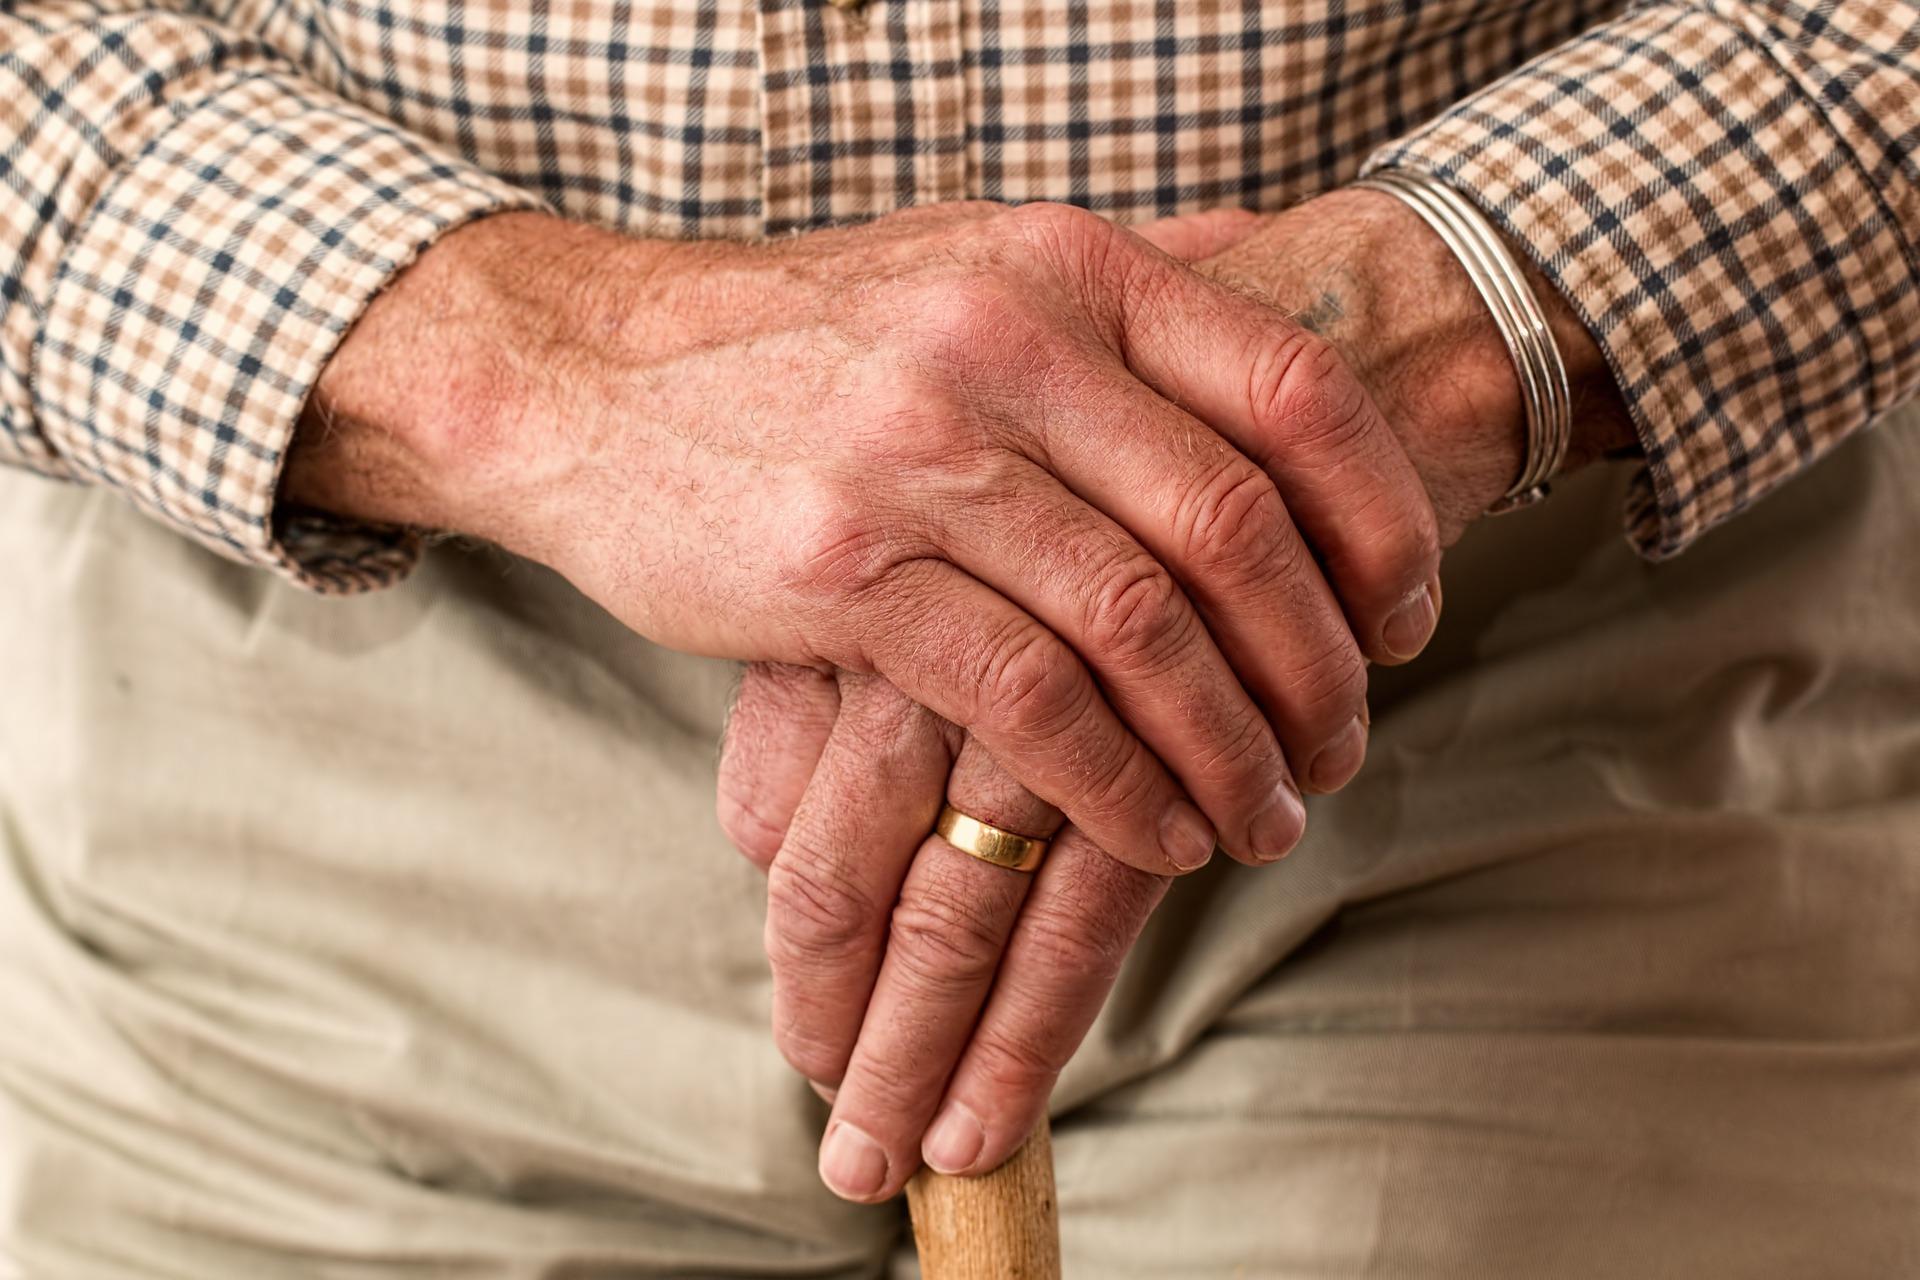 NotizieScuola.it - Pensioni APE e Quota 41